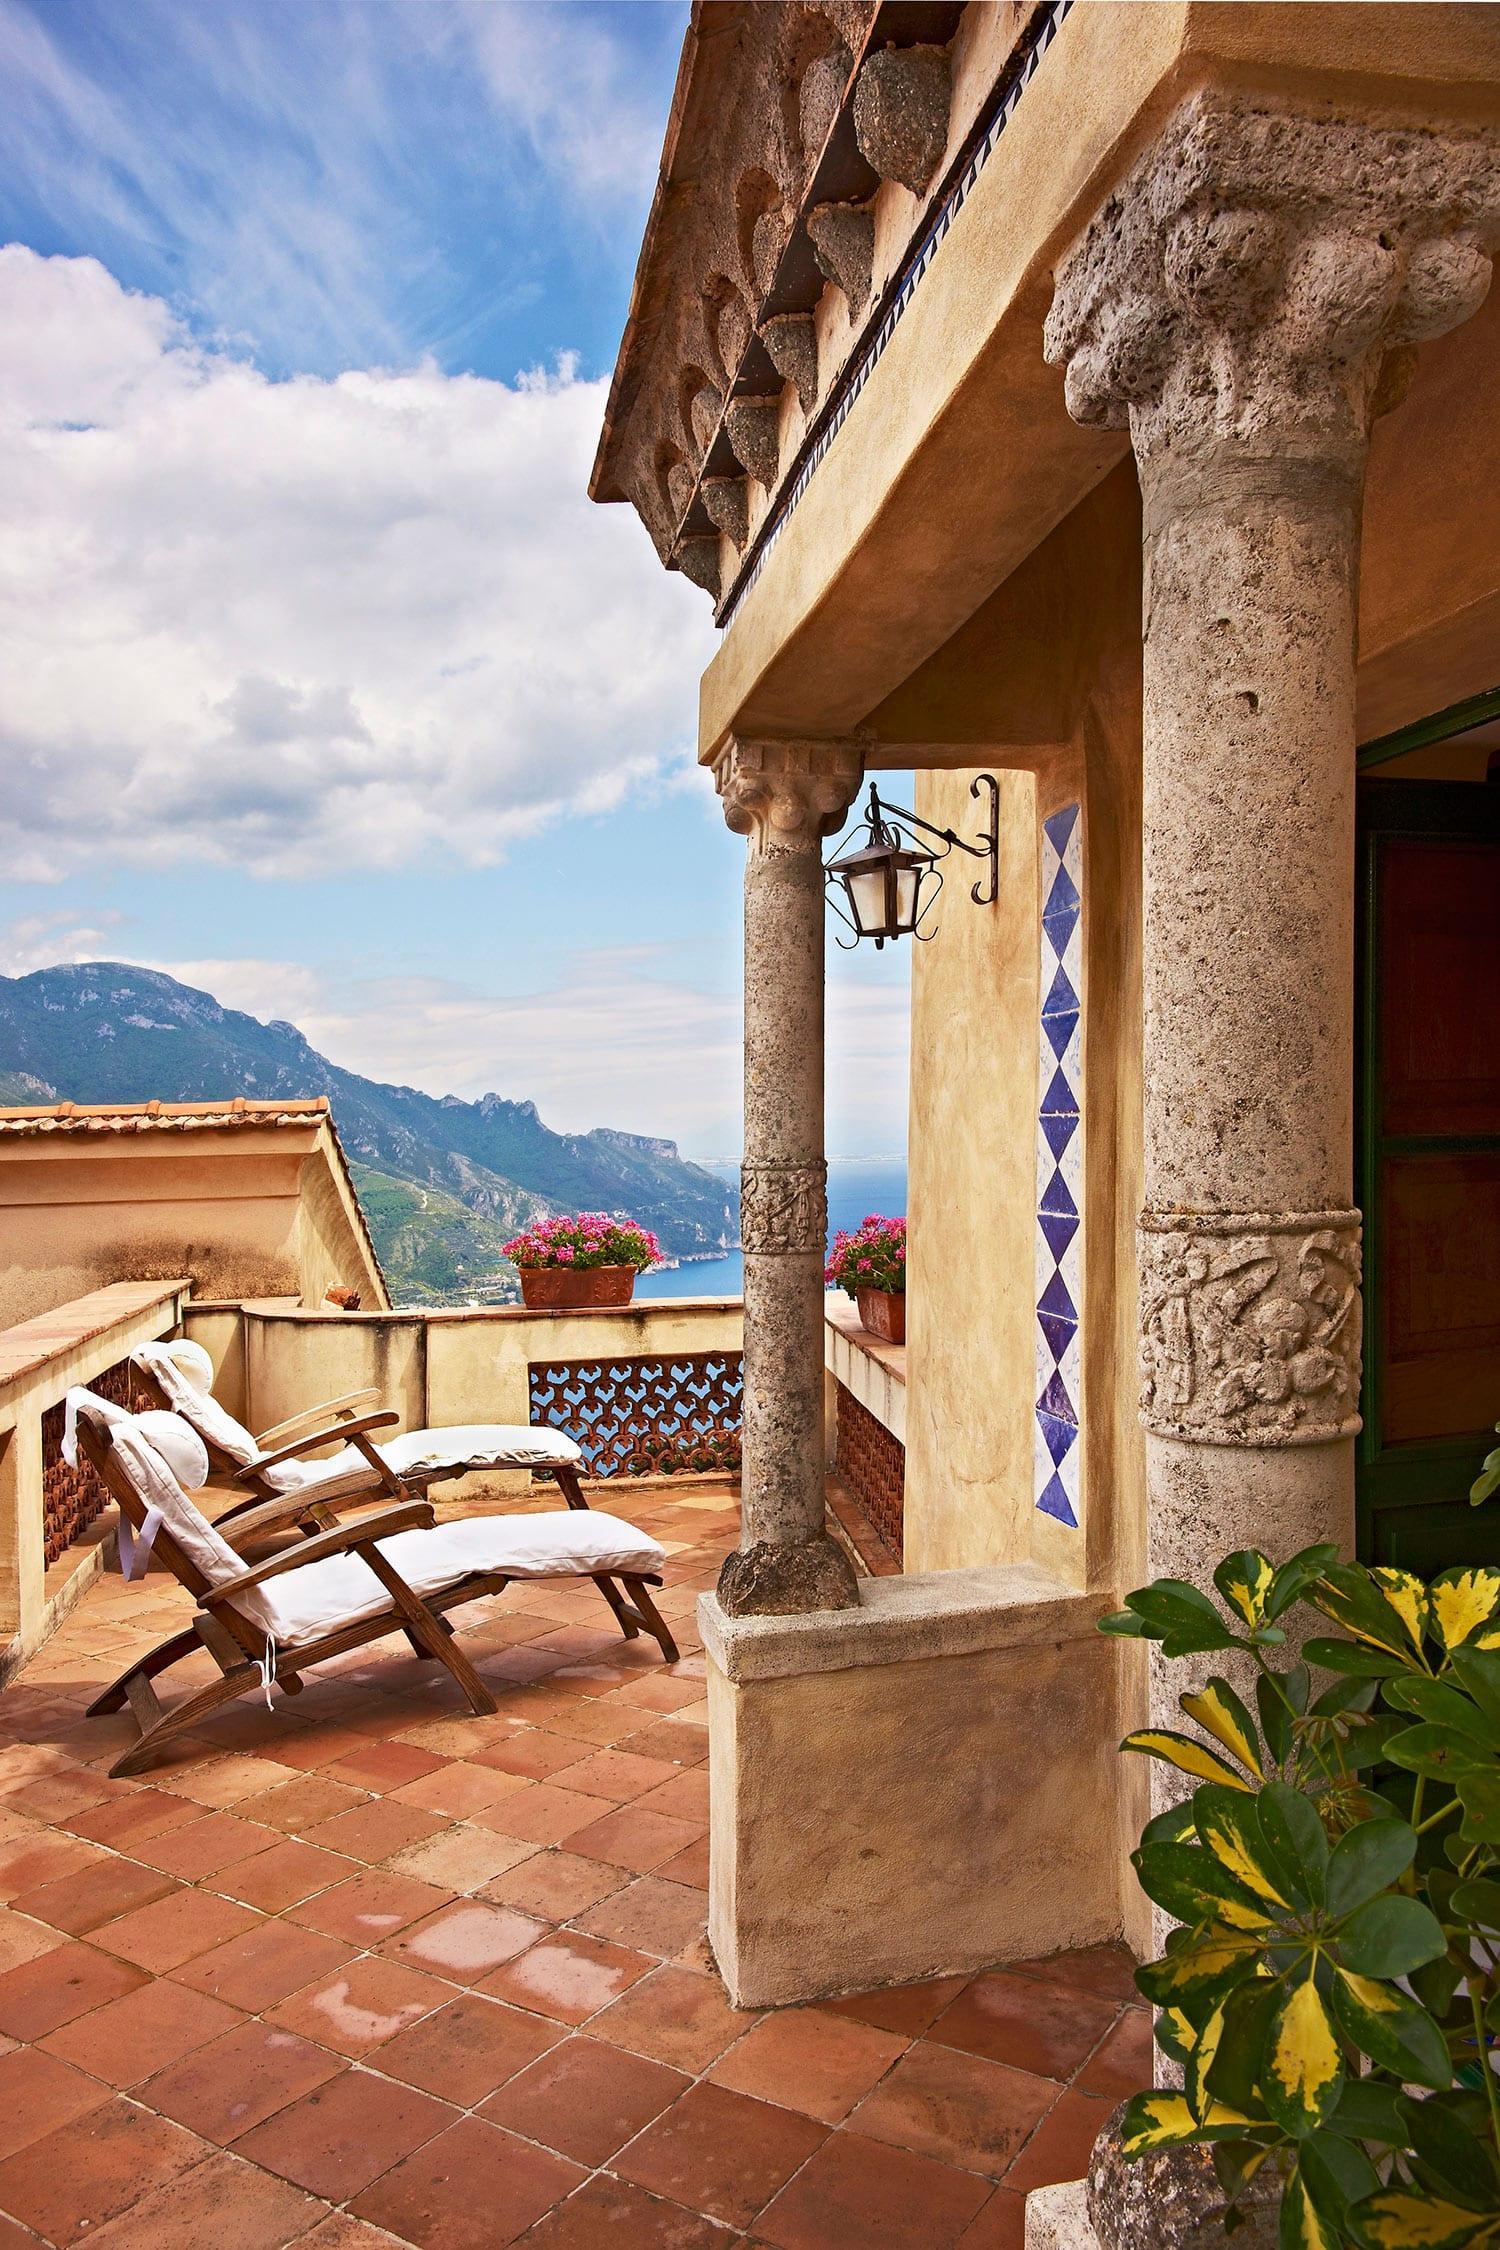 Westwing, Stile mediterraneo, Casa, Mediterraneo, Made in Italy, Stile